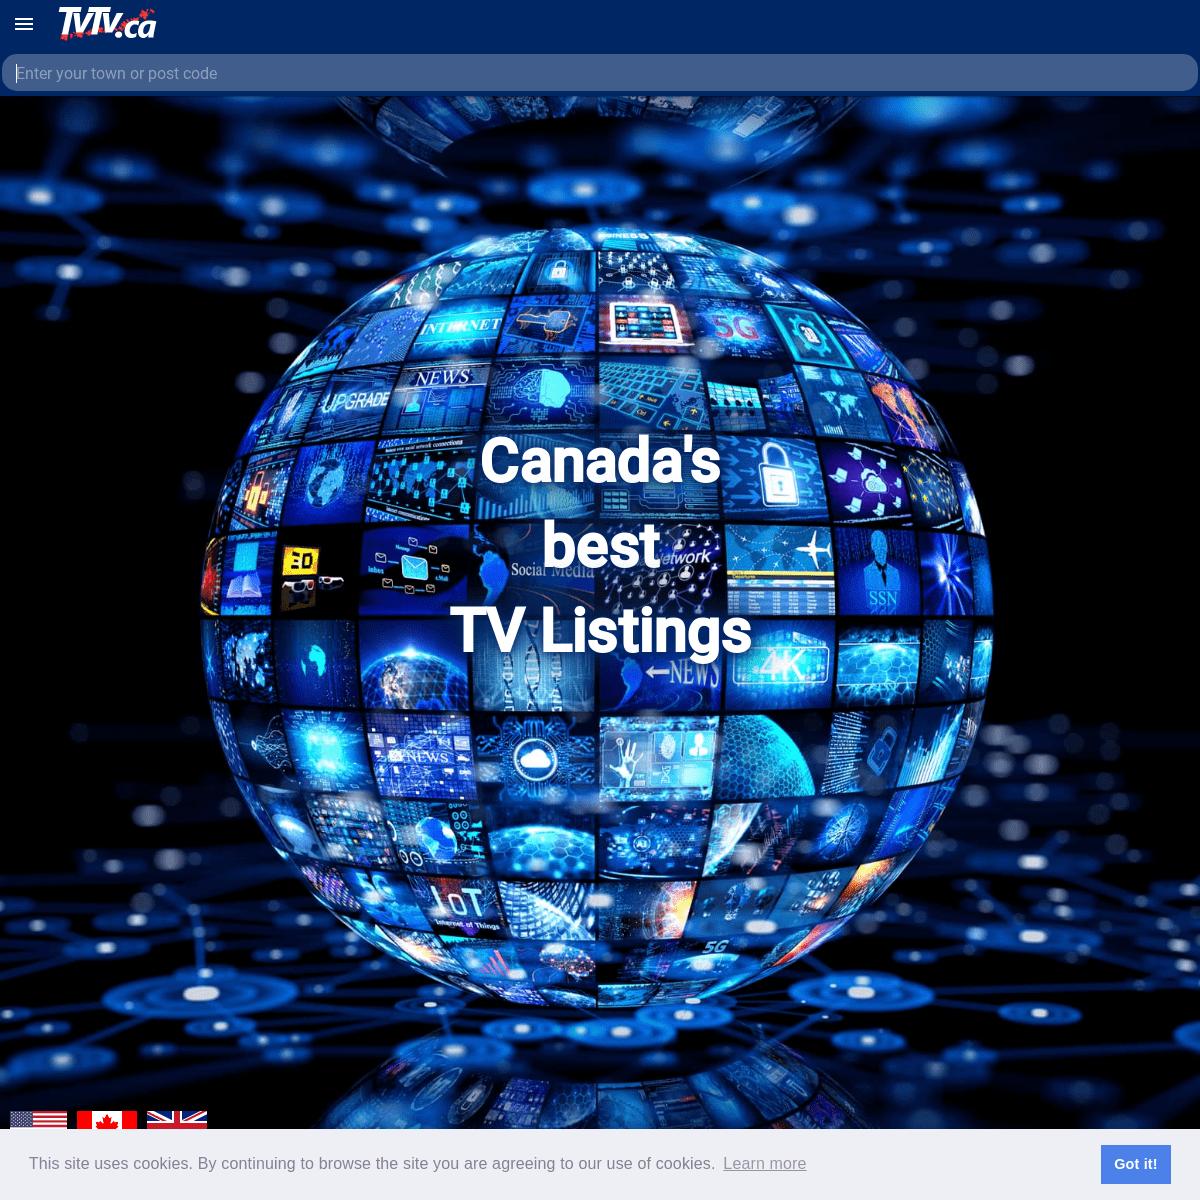 ArchiveBay.com - tvtv.ca - Canadian TV Listings - TVTV.ca